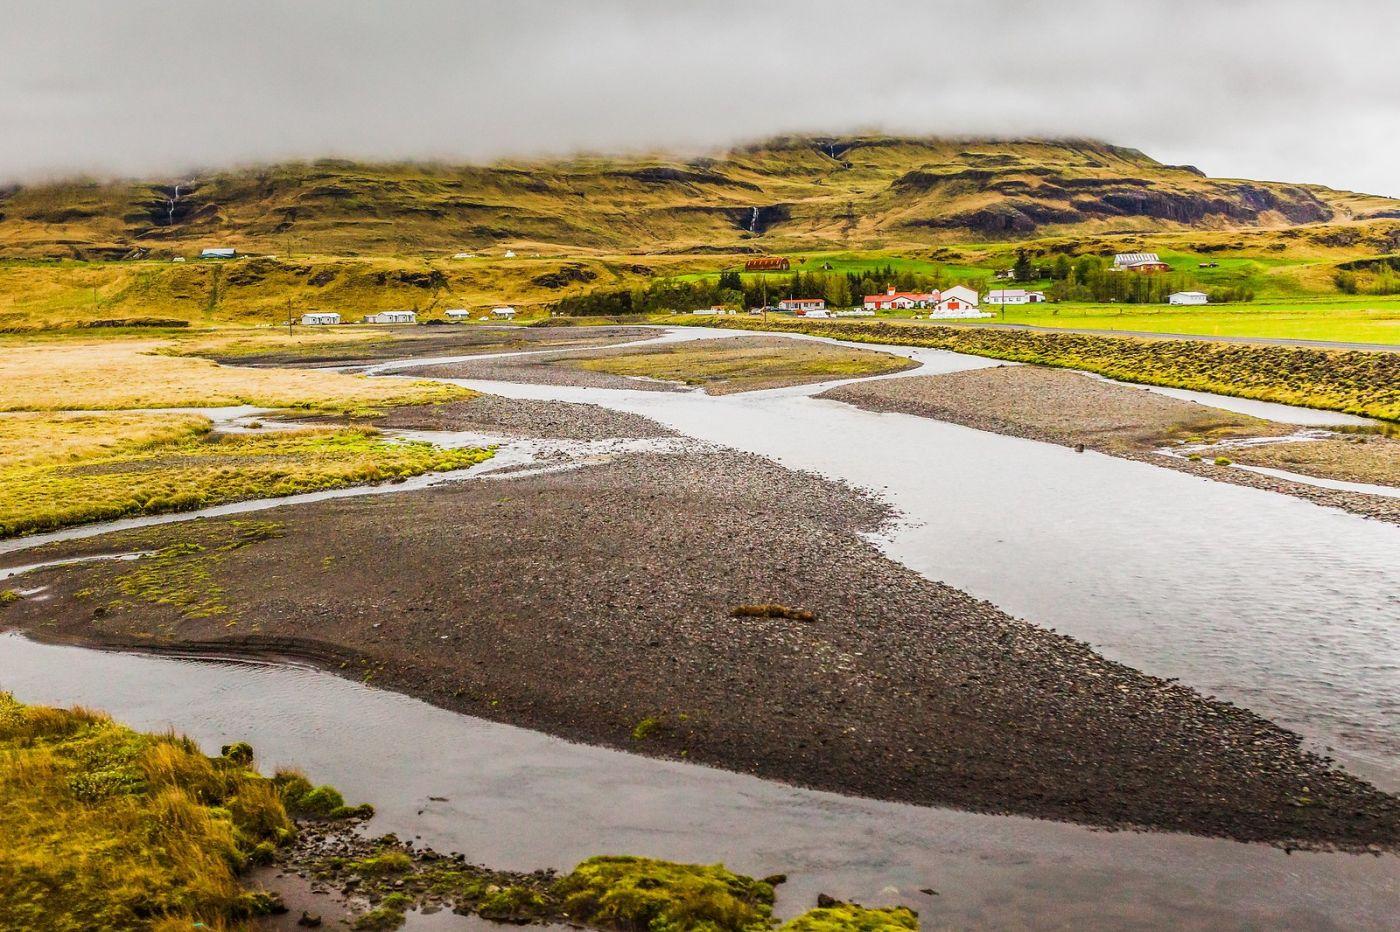 冰岛风采,那一片水景_图1-31